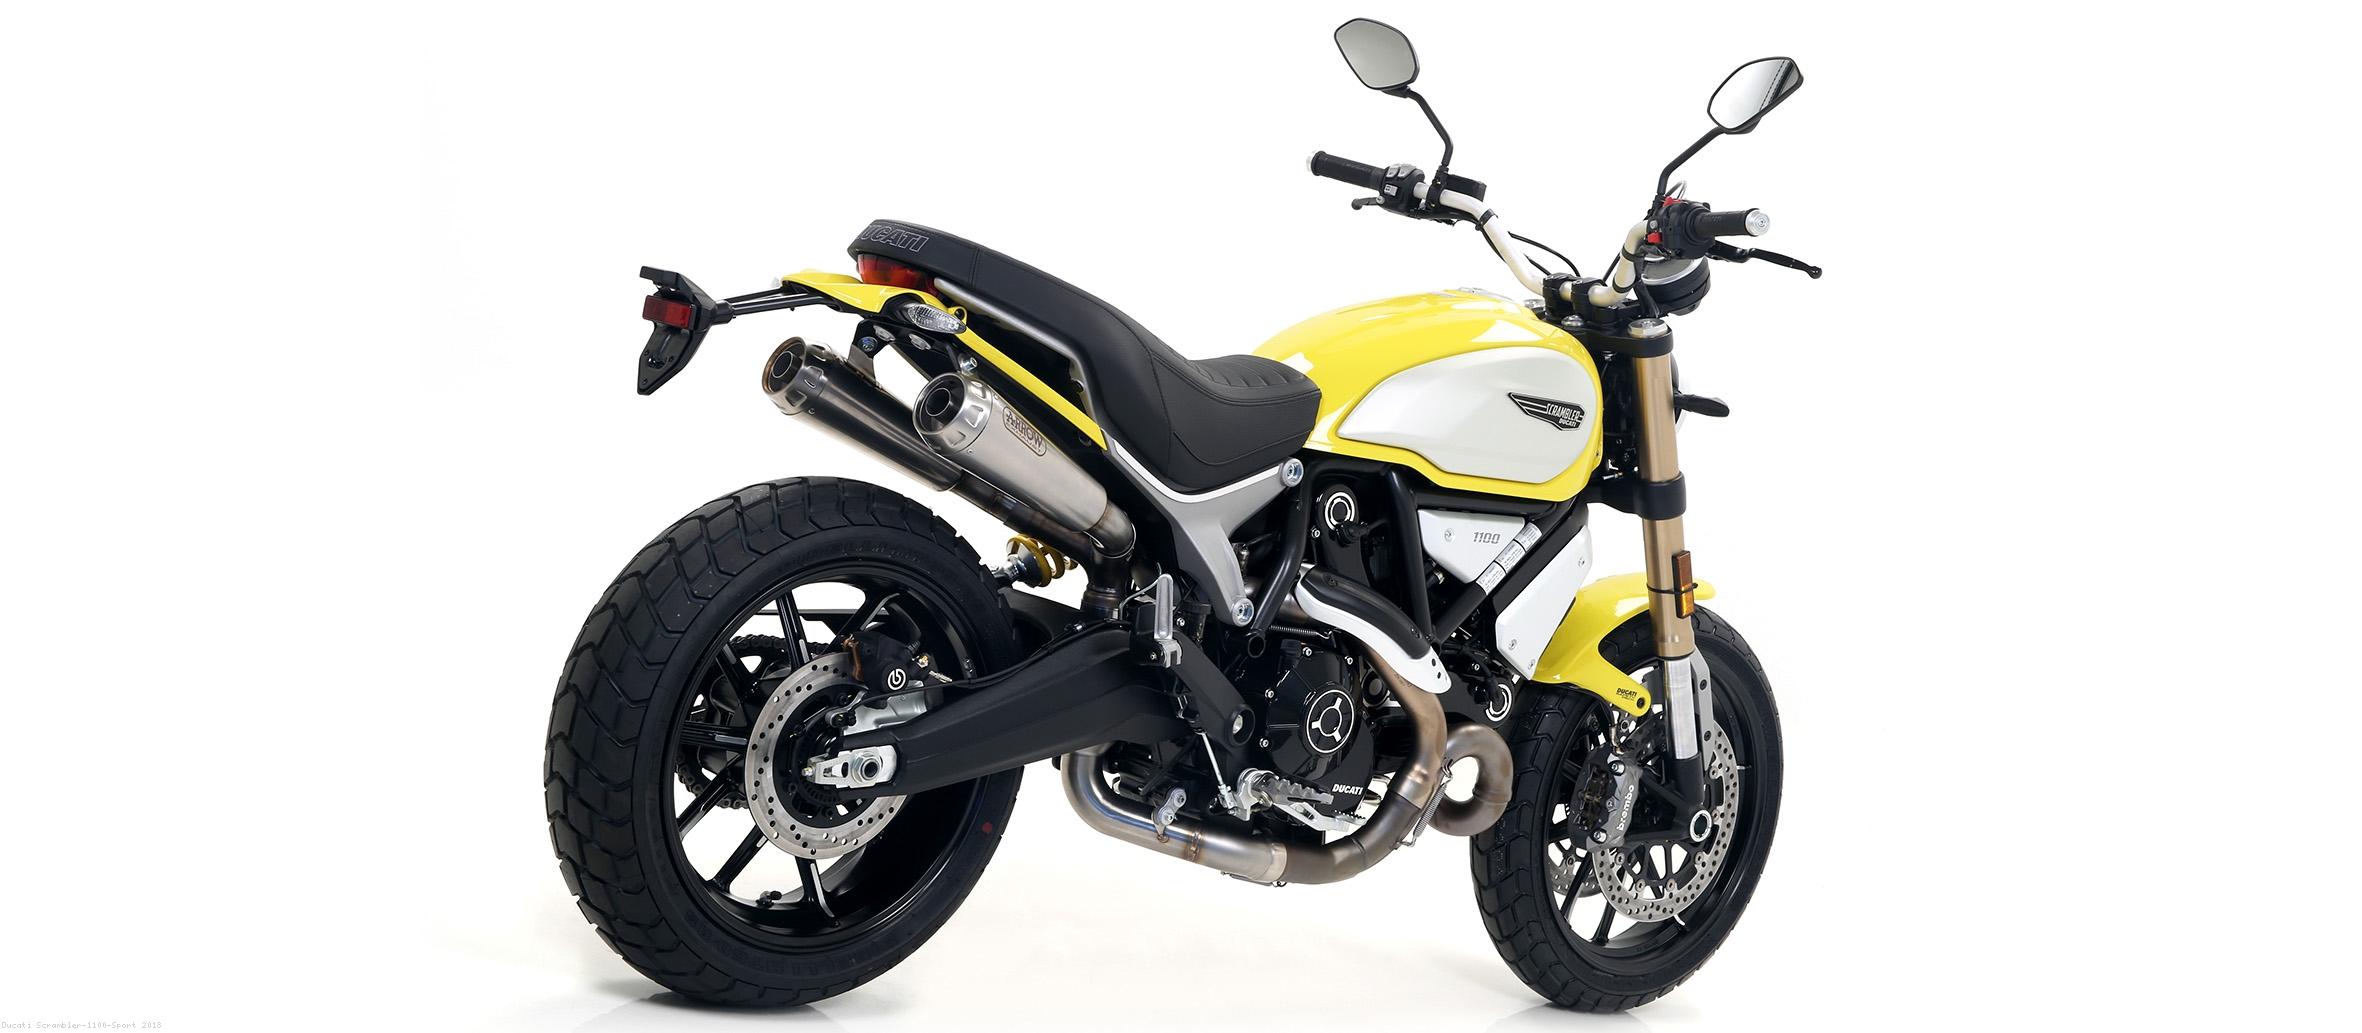 B E Ee C A Ea B Ducati Scrambler Slip On Pro Race Pri M M Y Ducati Scrambler Sport on Ktm Dual Sport Kit